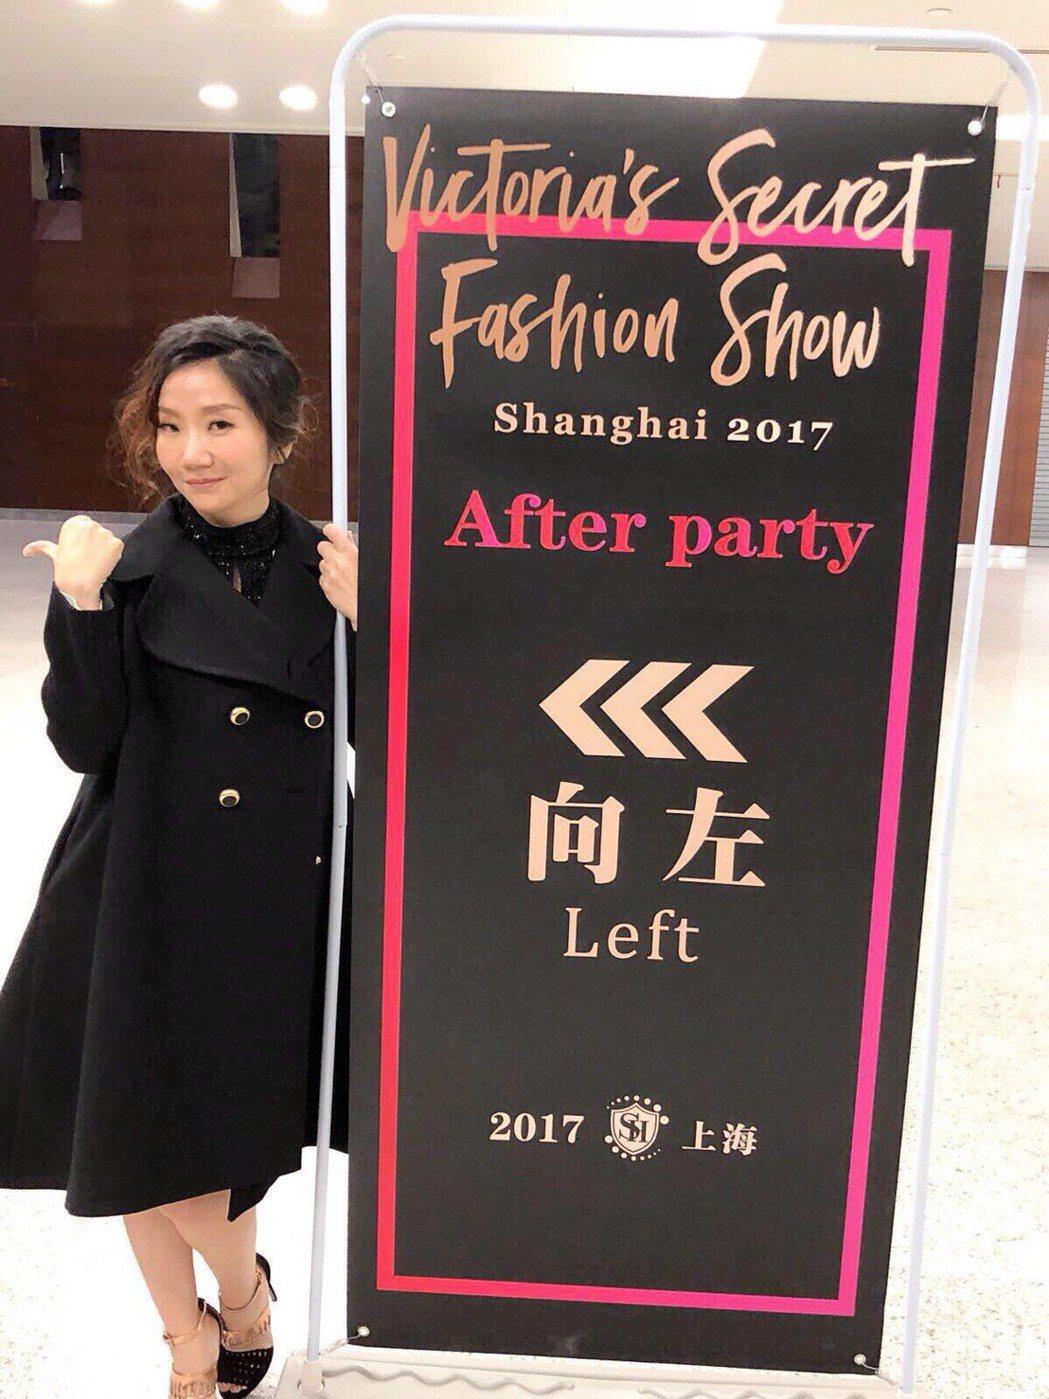 陶晶瑩出席After Party。圖/經紀人提供